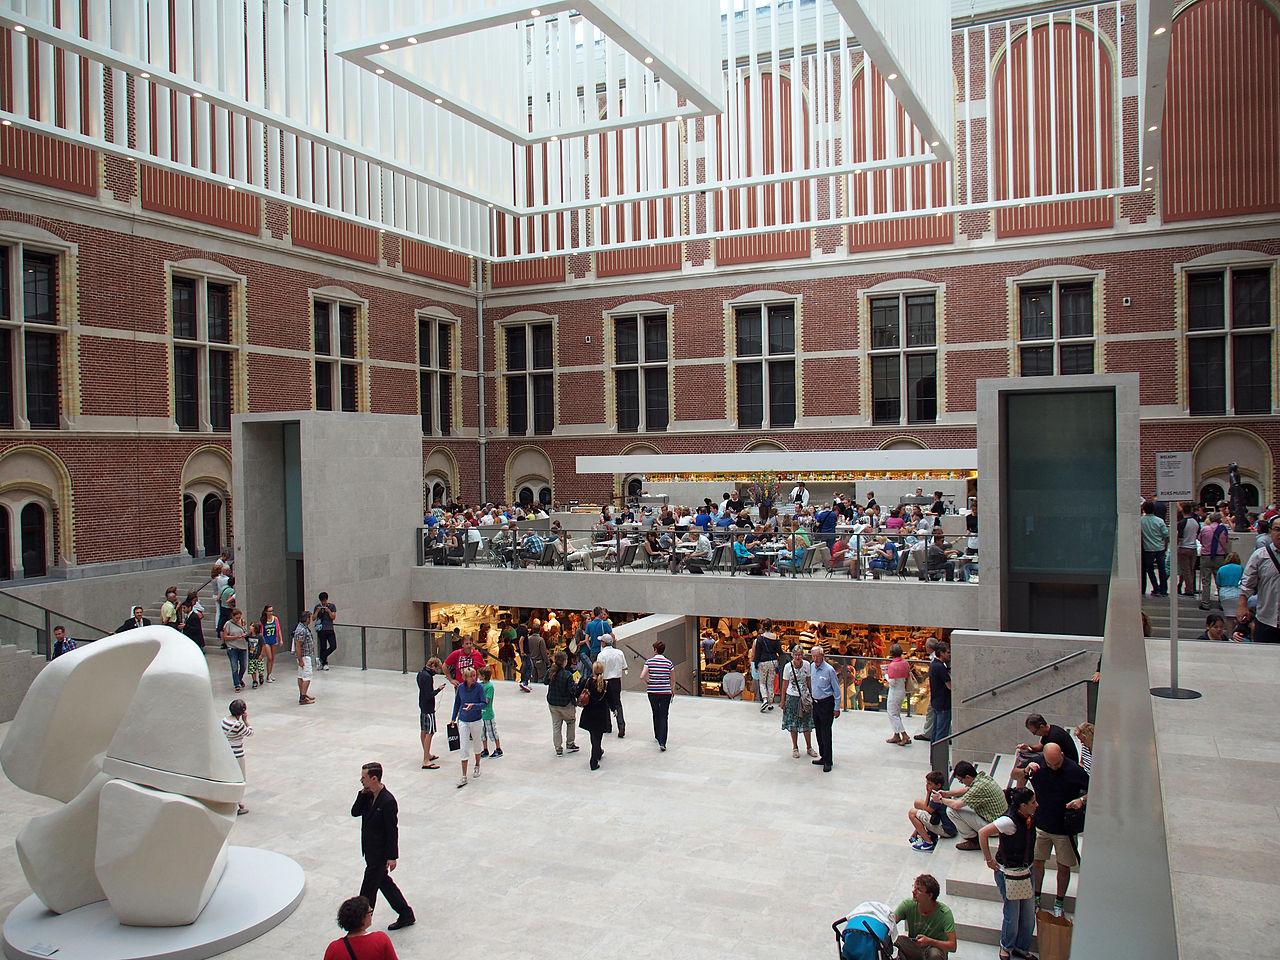 พิพิธภัณฑ์เร็กซ์ -บรรยากาศในพิพิธภัณฑ์